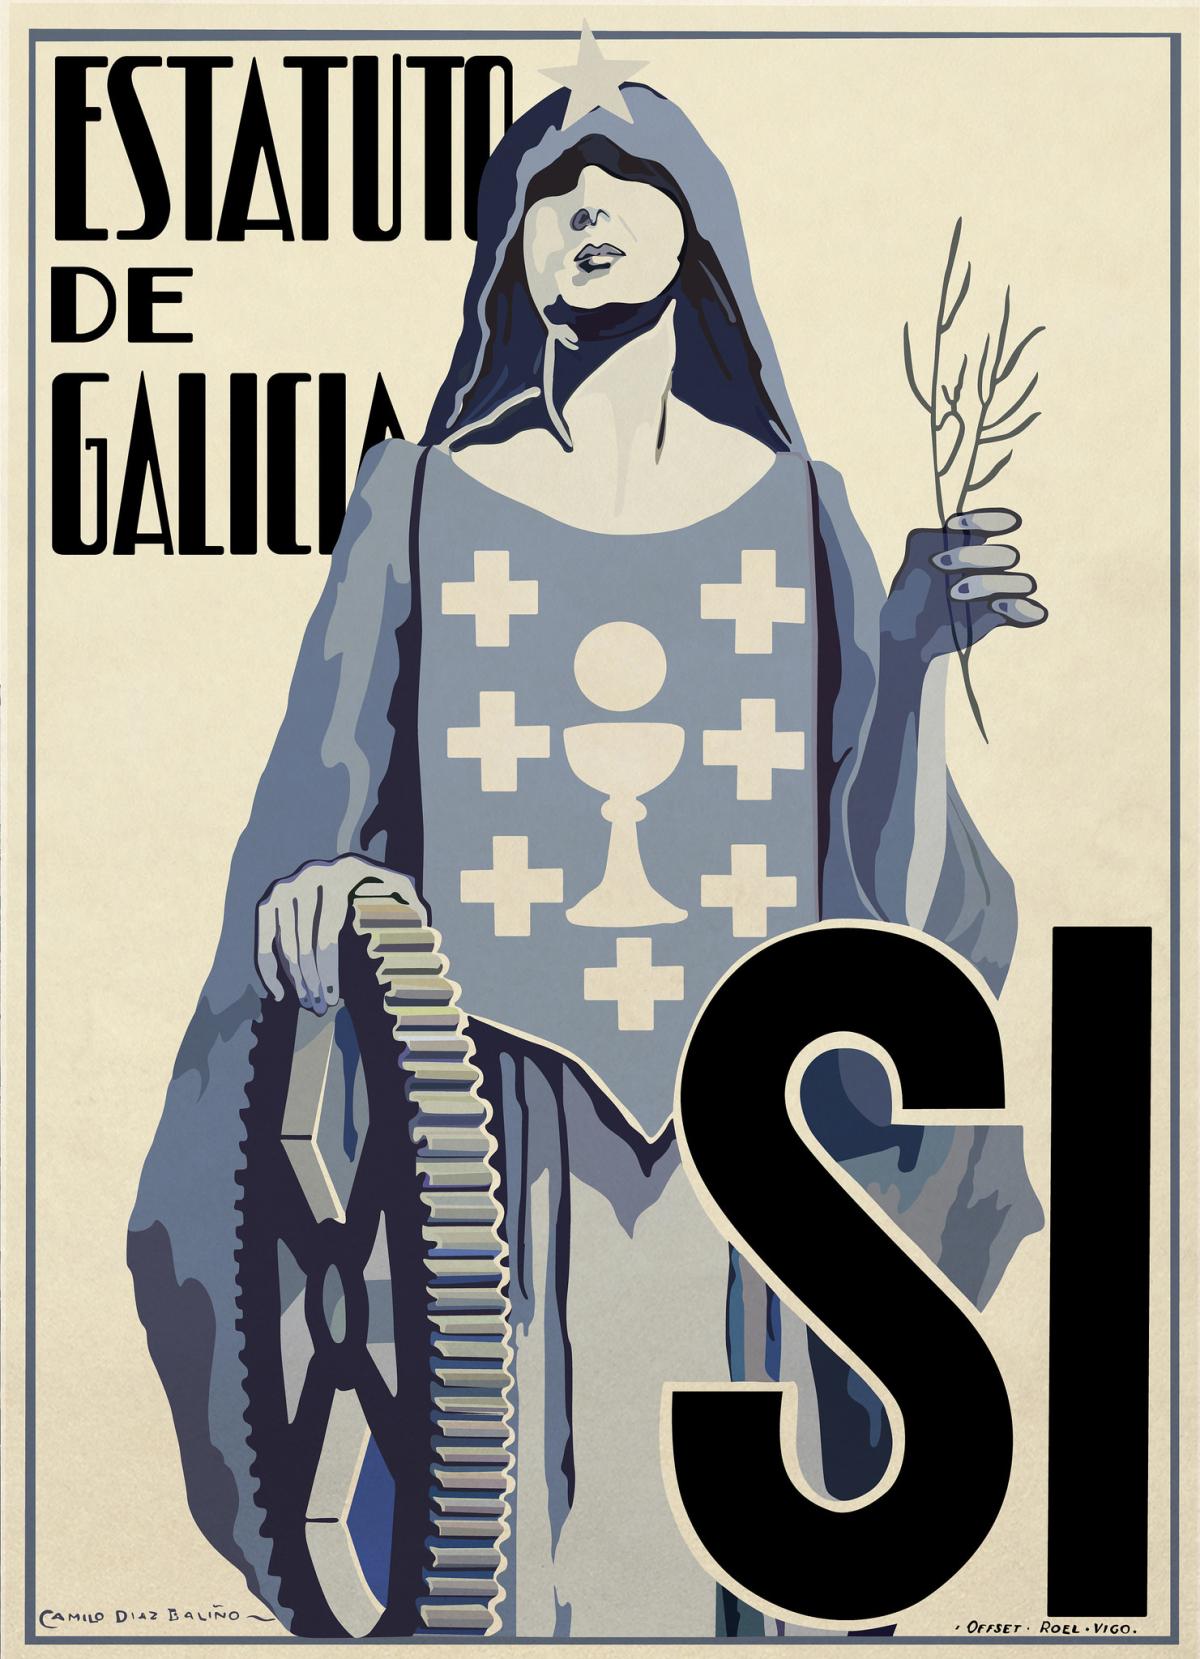 Cartel a prol do Estatuto de Galicia de 1936